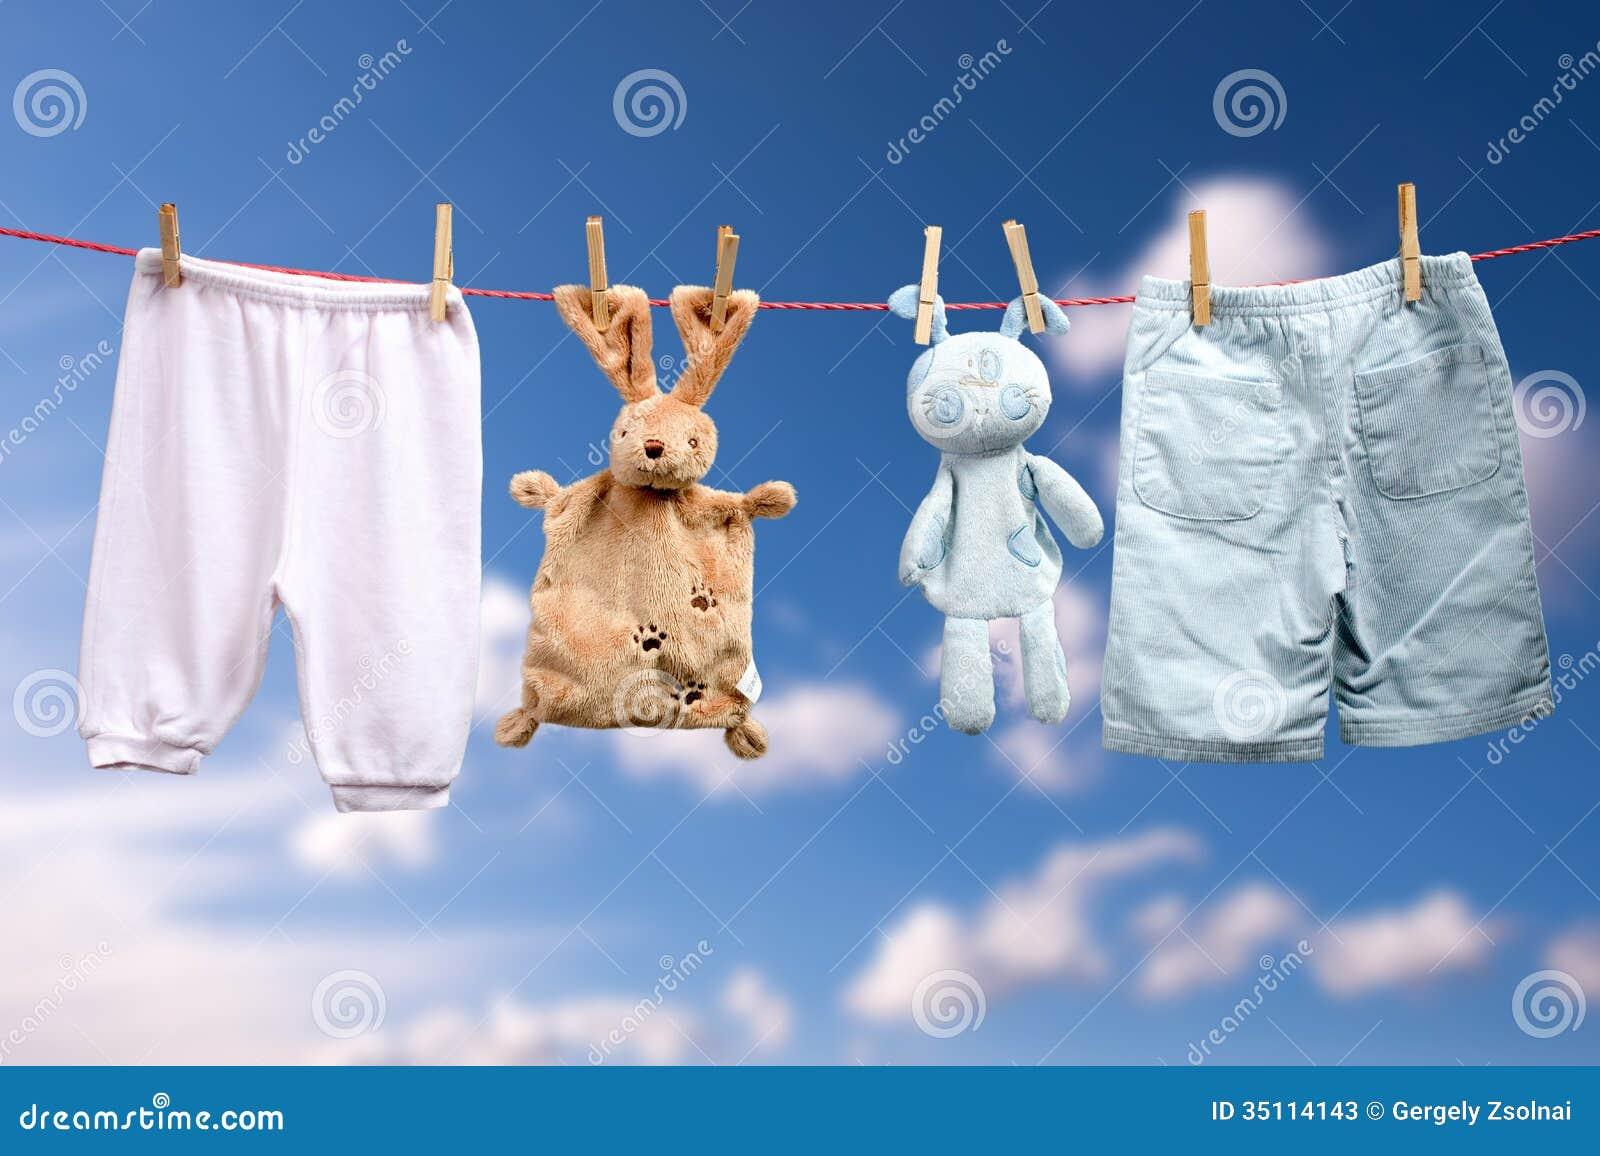 baby ist geboren junge oder ein m dchen auf der w scheleine im freien stockfotos bild 35114143. Black Bedroom Furniture Sets. Home Design Ideas